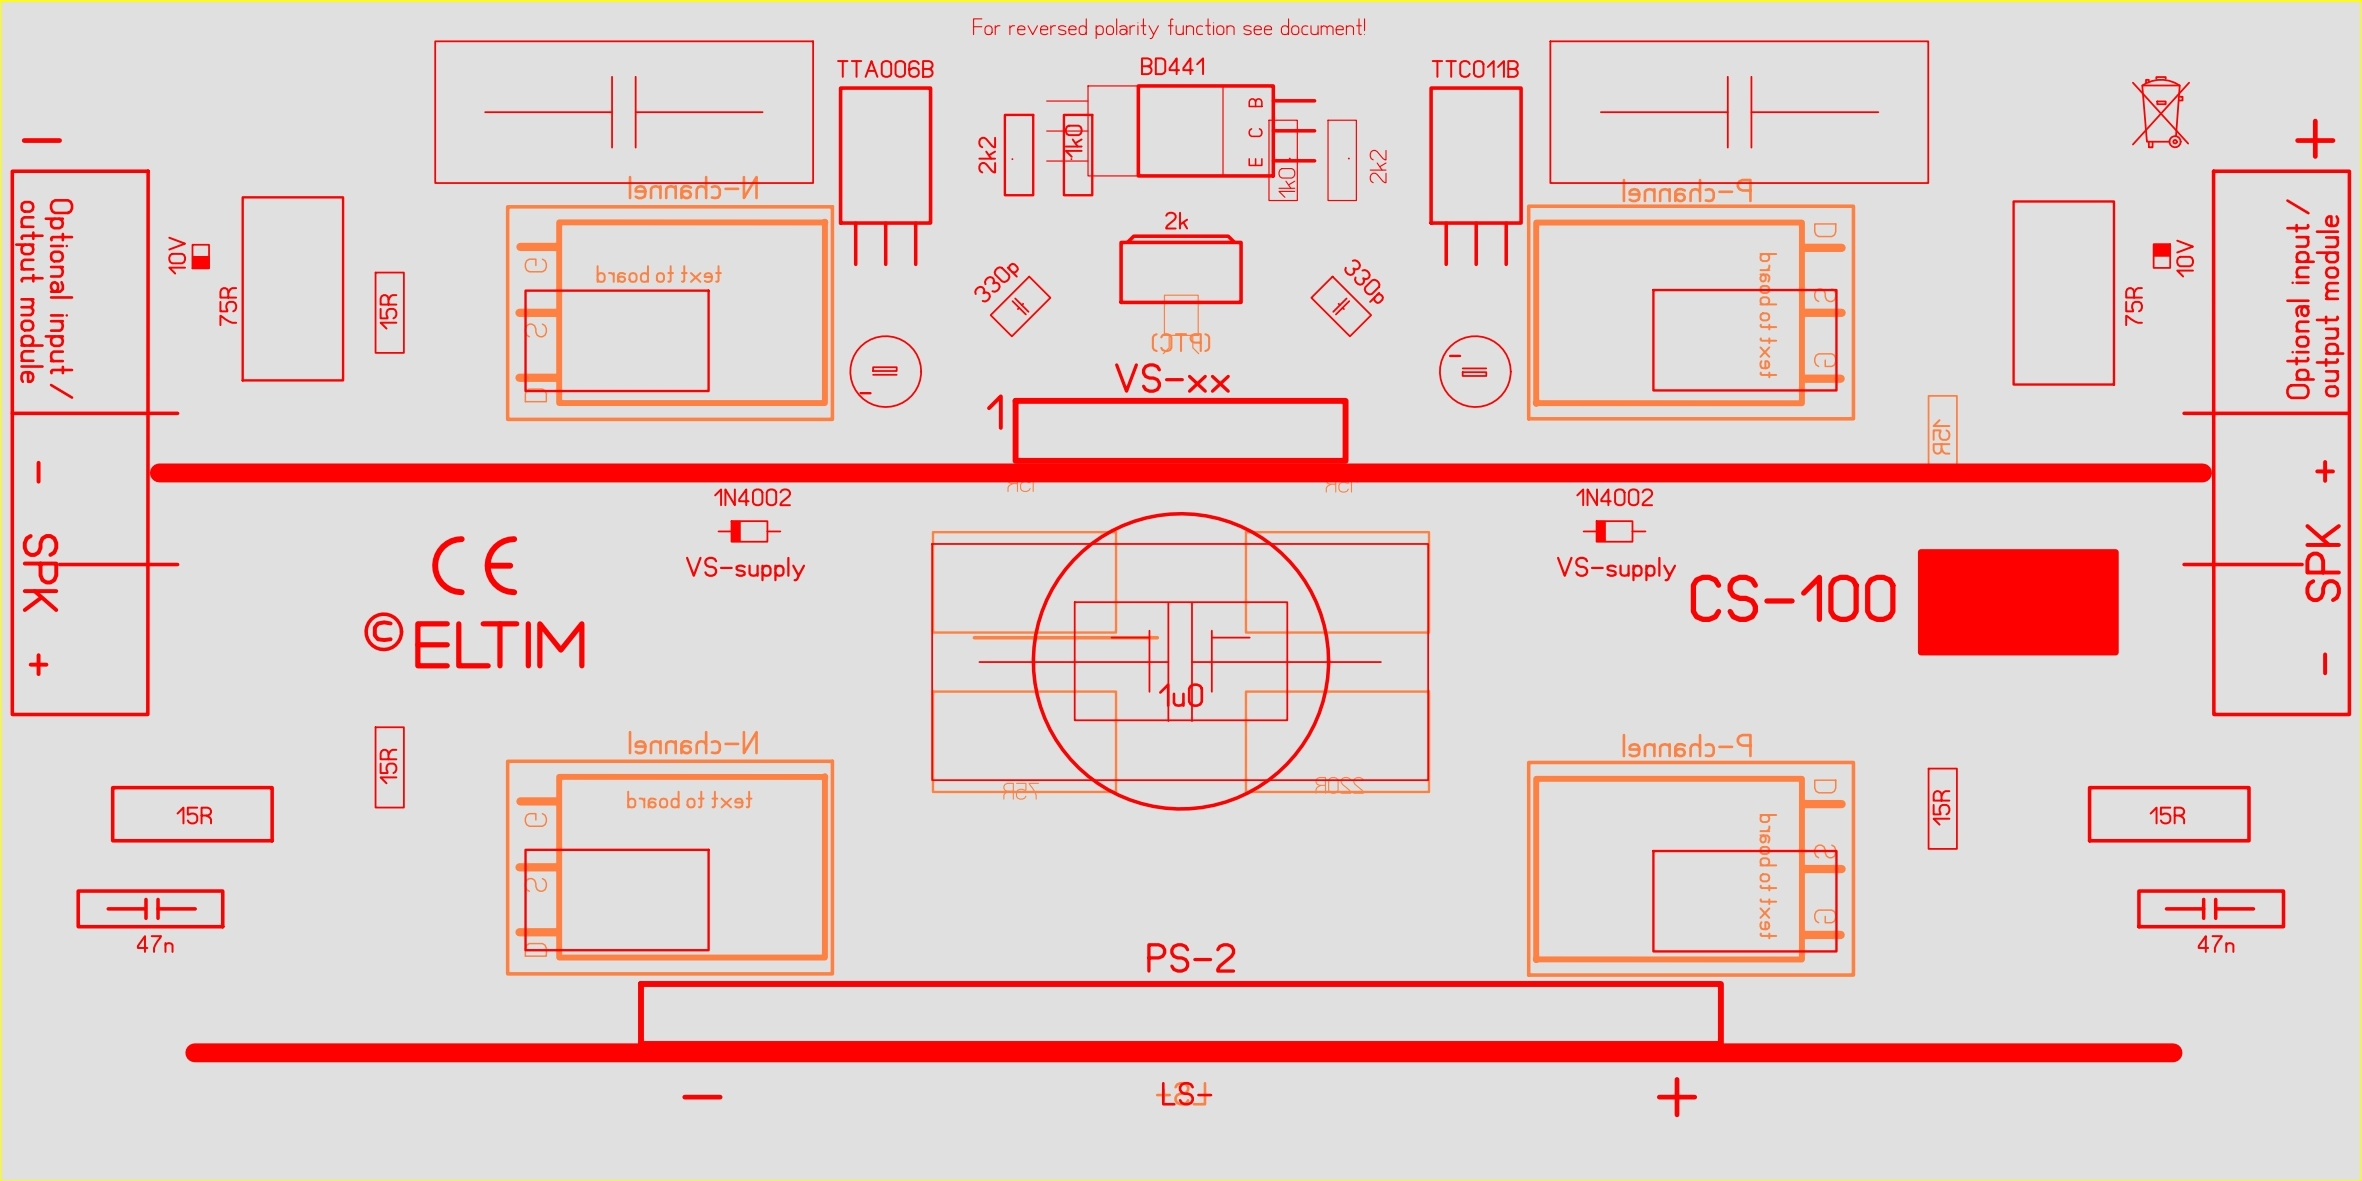 ELTIM CS-100 Current Stage modules